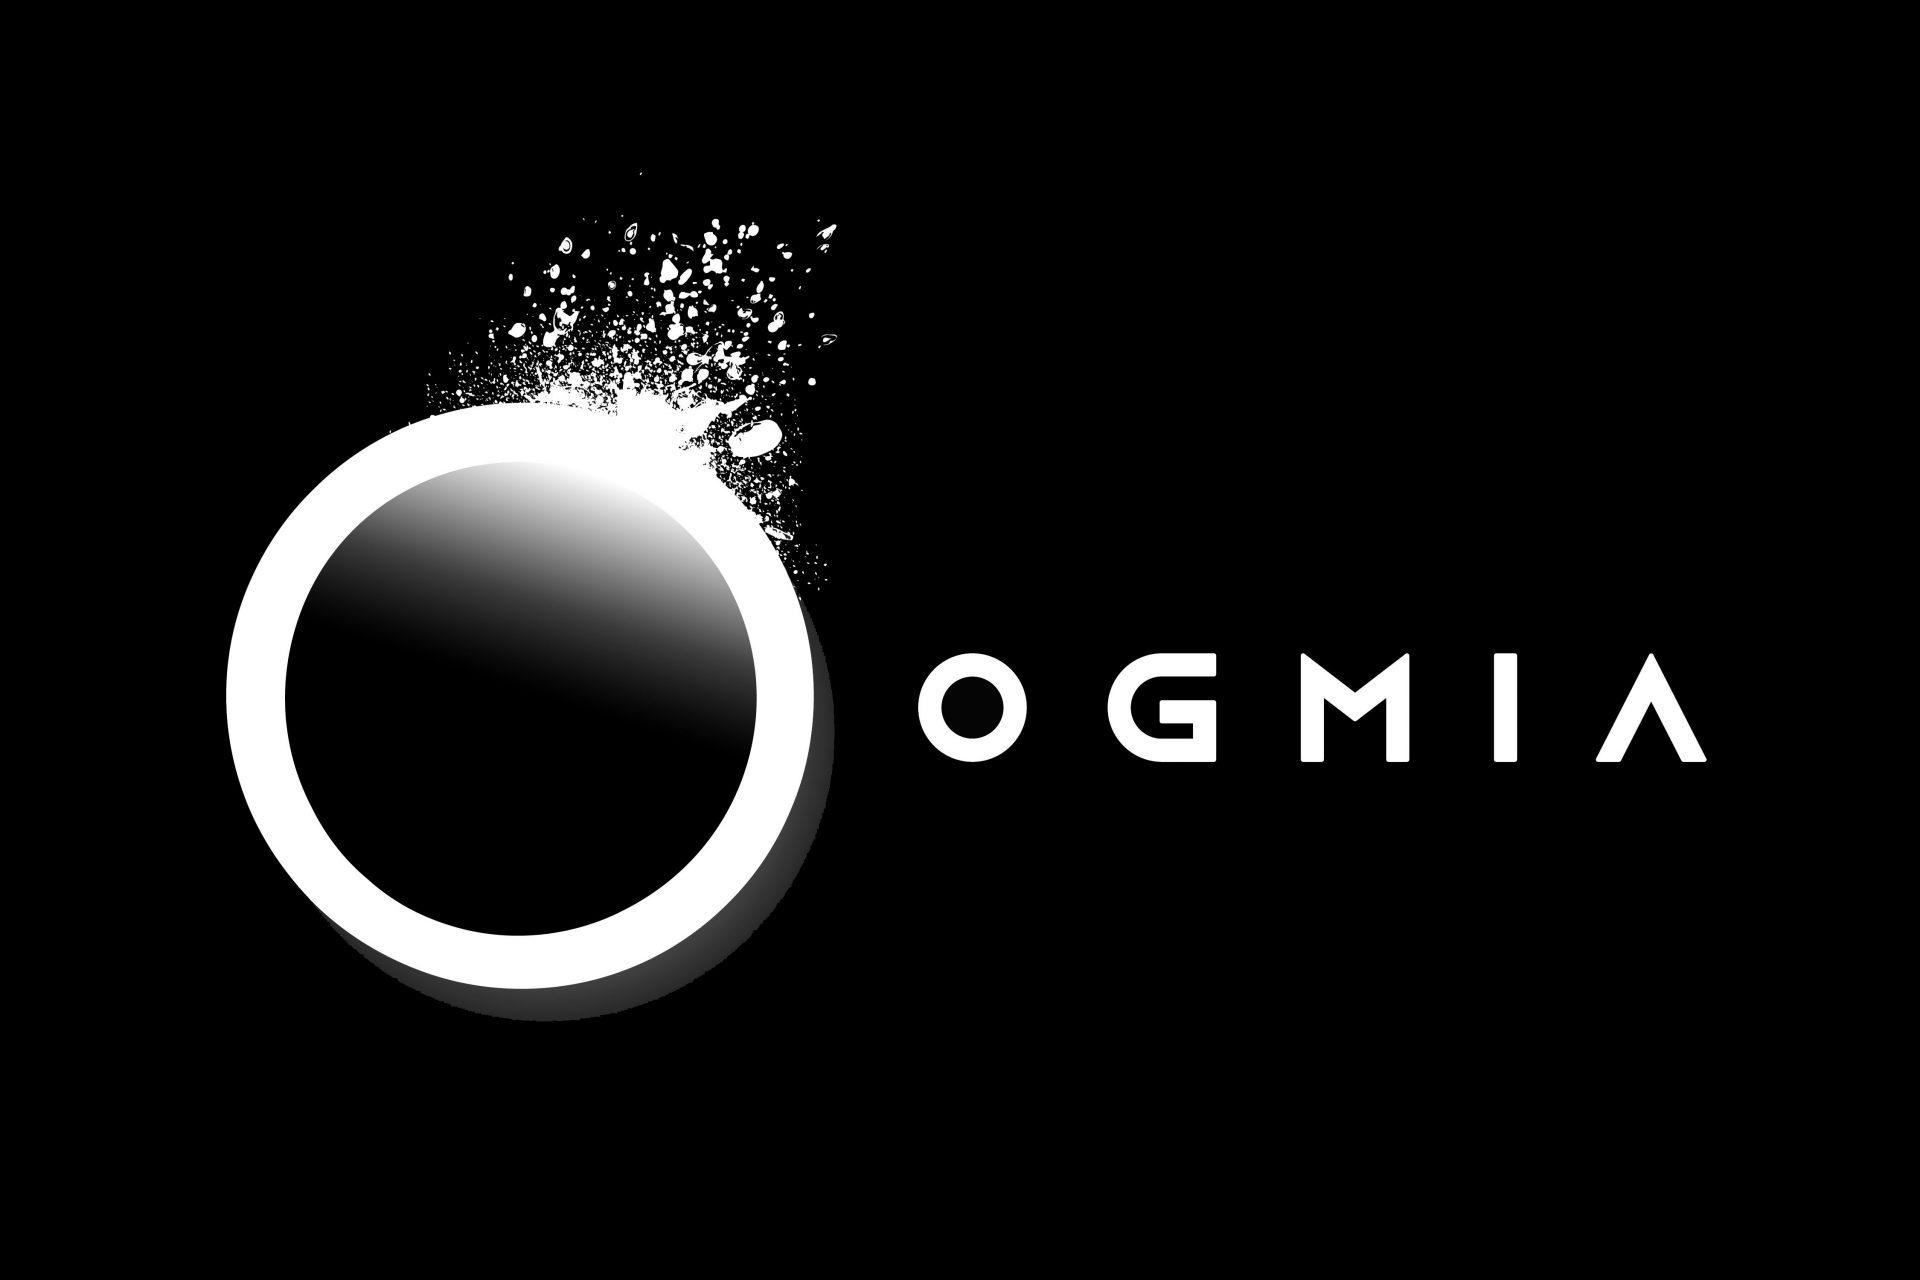 OGMIA-ISOLOGO1